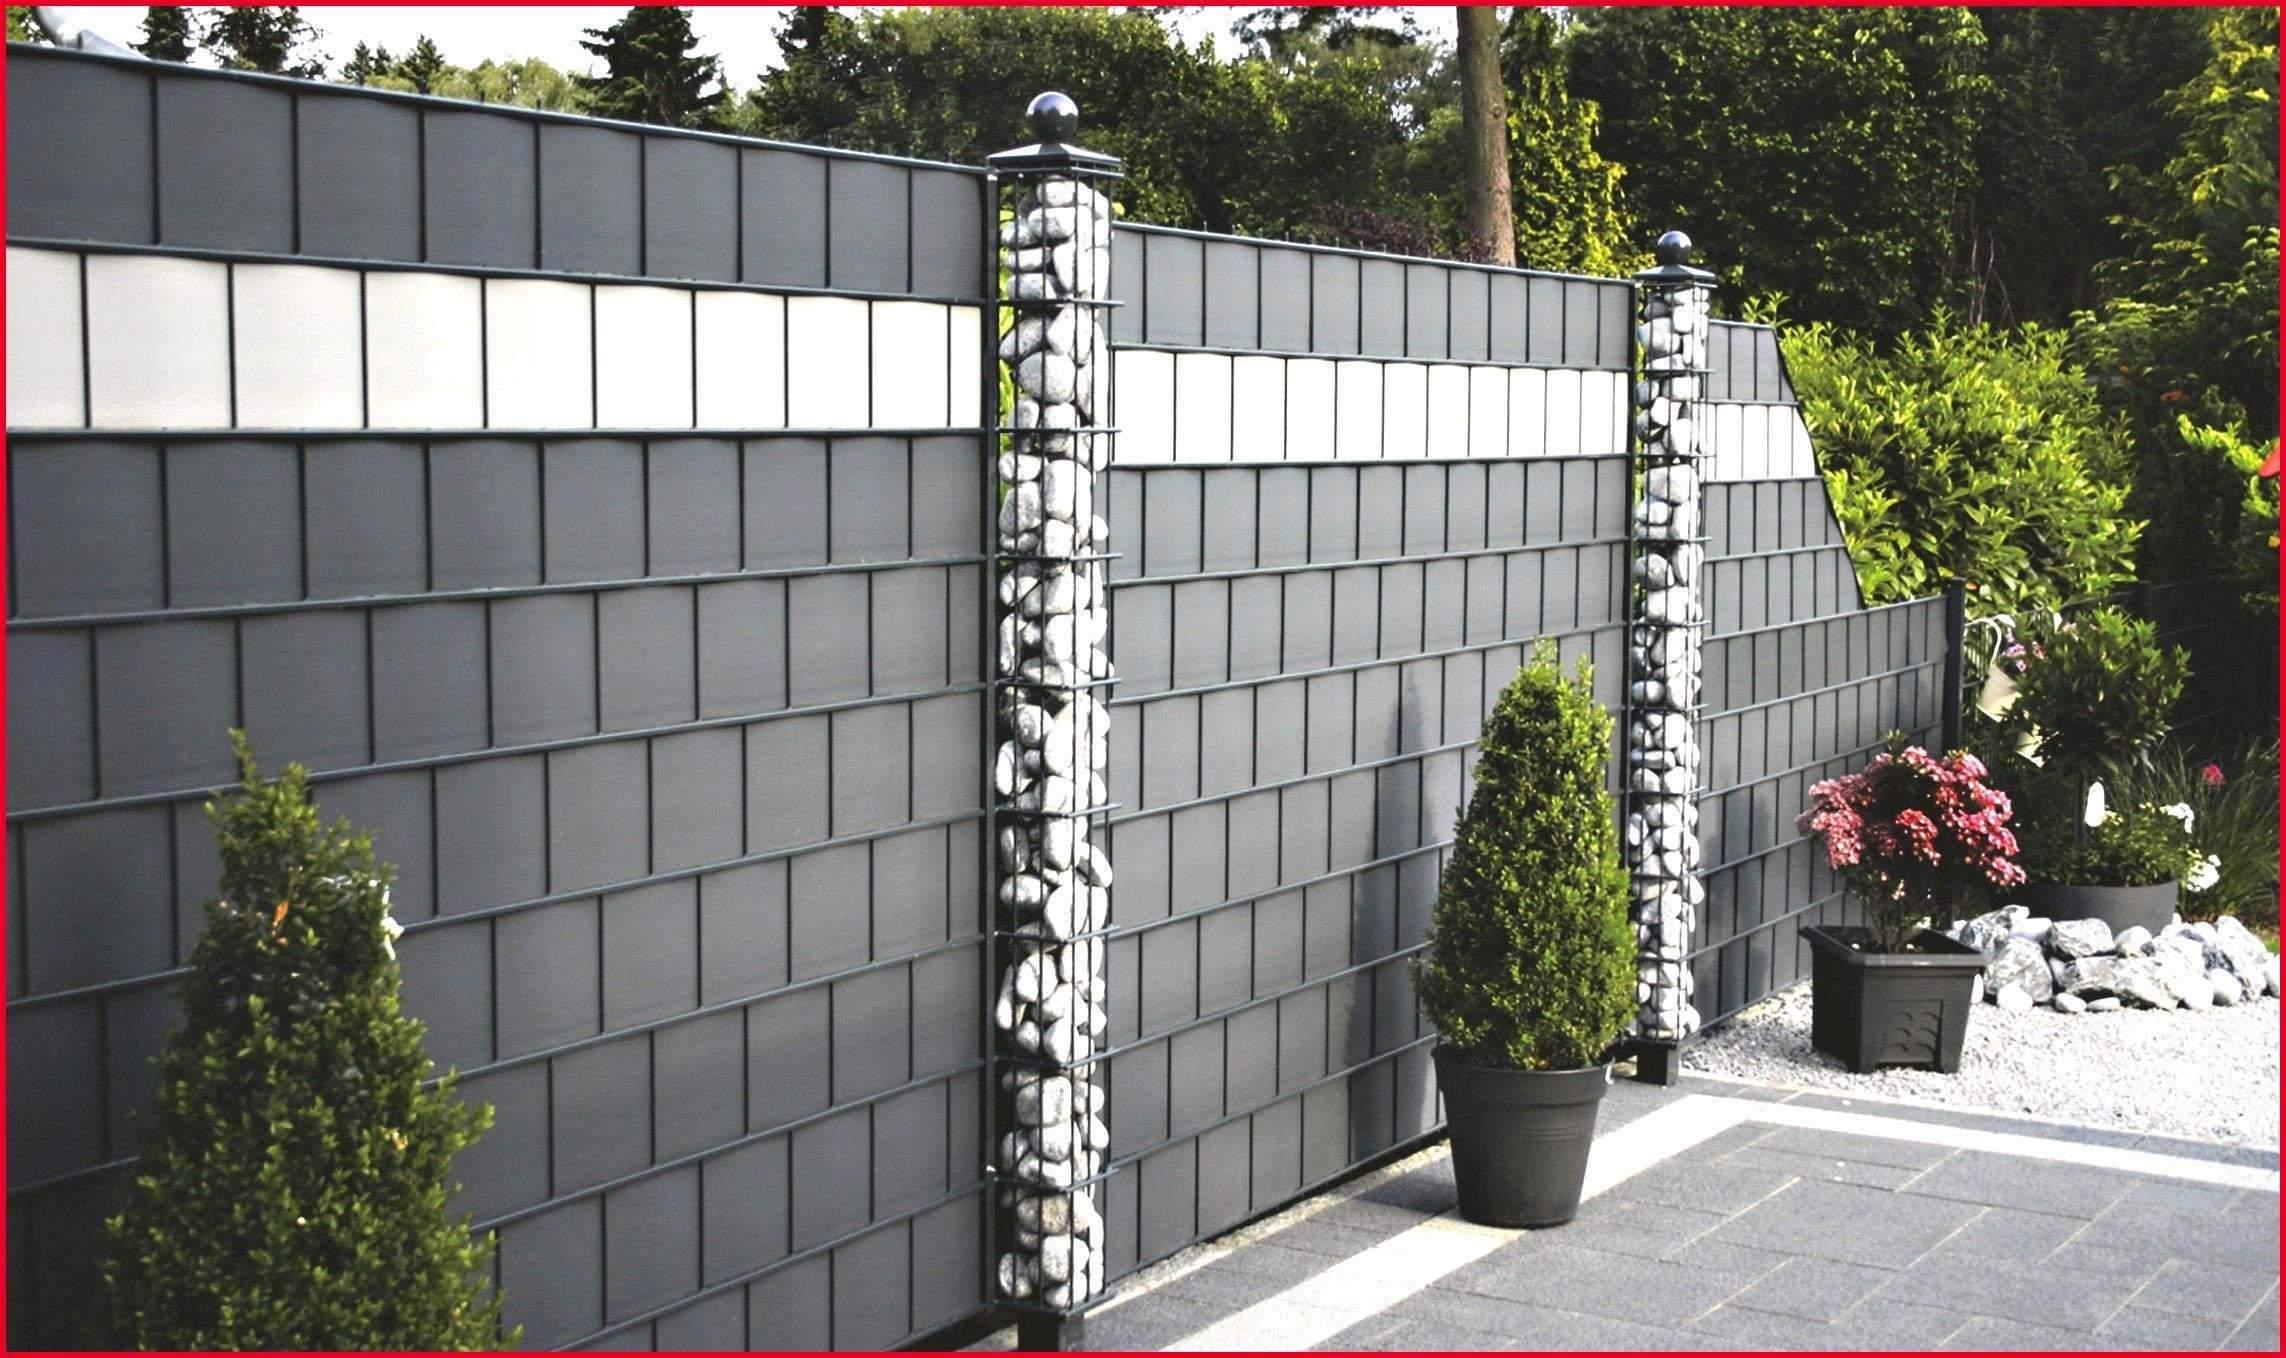 Garten Sichtschutz Luxus Sichtschutz Stein Beste Zaun Mit Steinen Garten Ideas Zaun